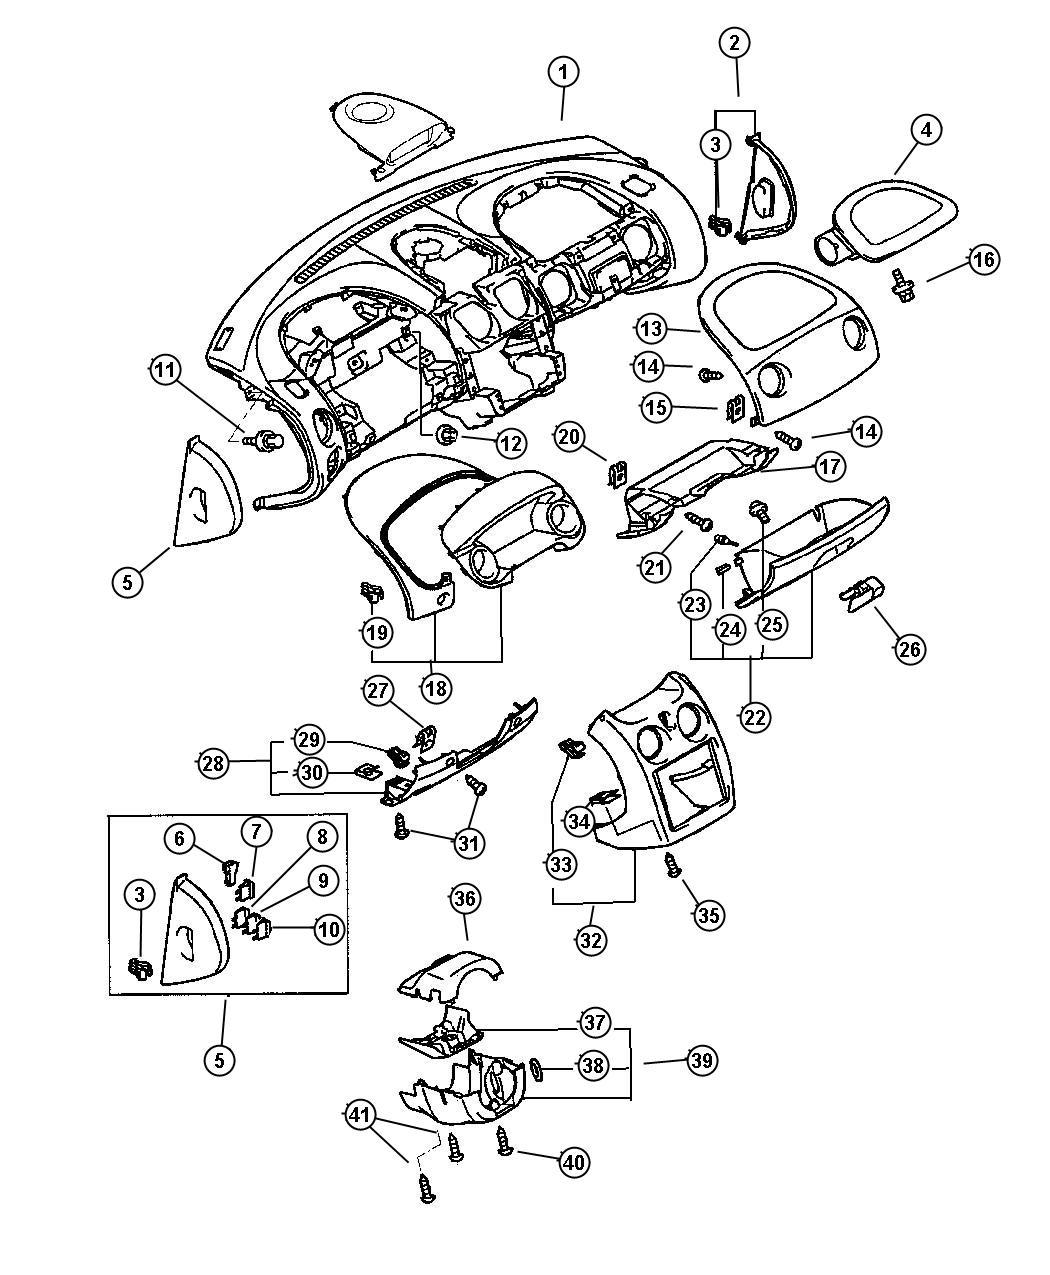 Chrysler Sebring Fuse. Mini. 15 amp, light blue